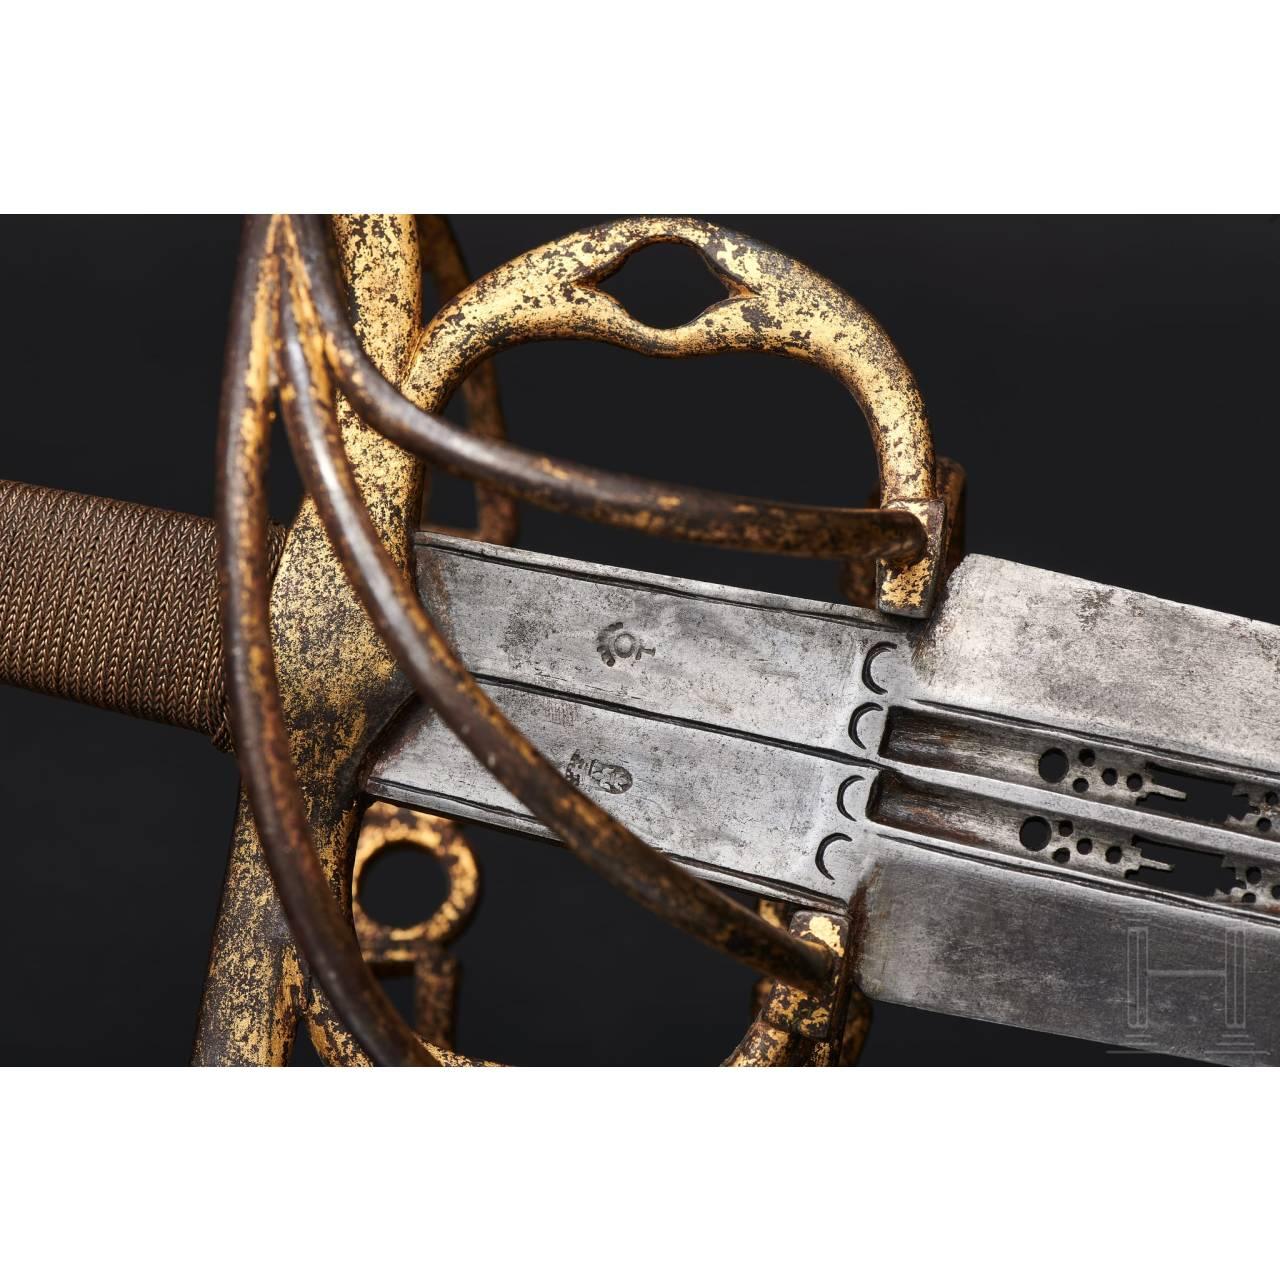 A heavy Spanish sword with a gilt hilt, circa 1560